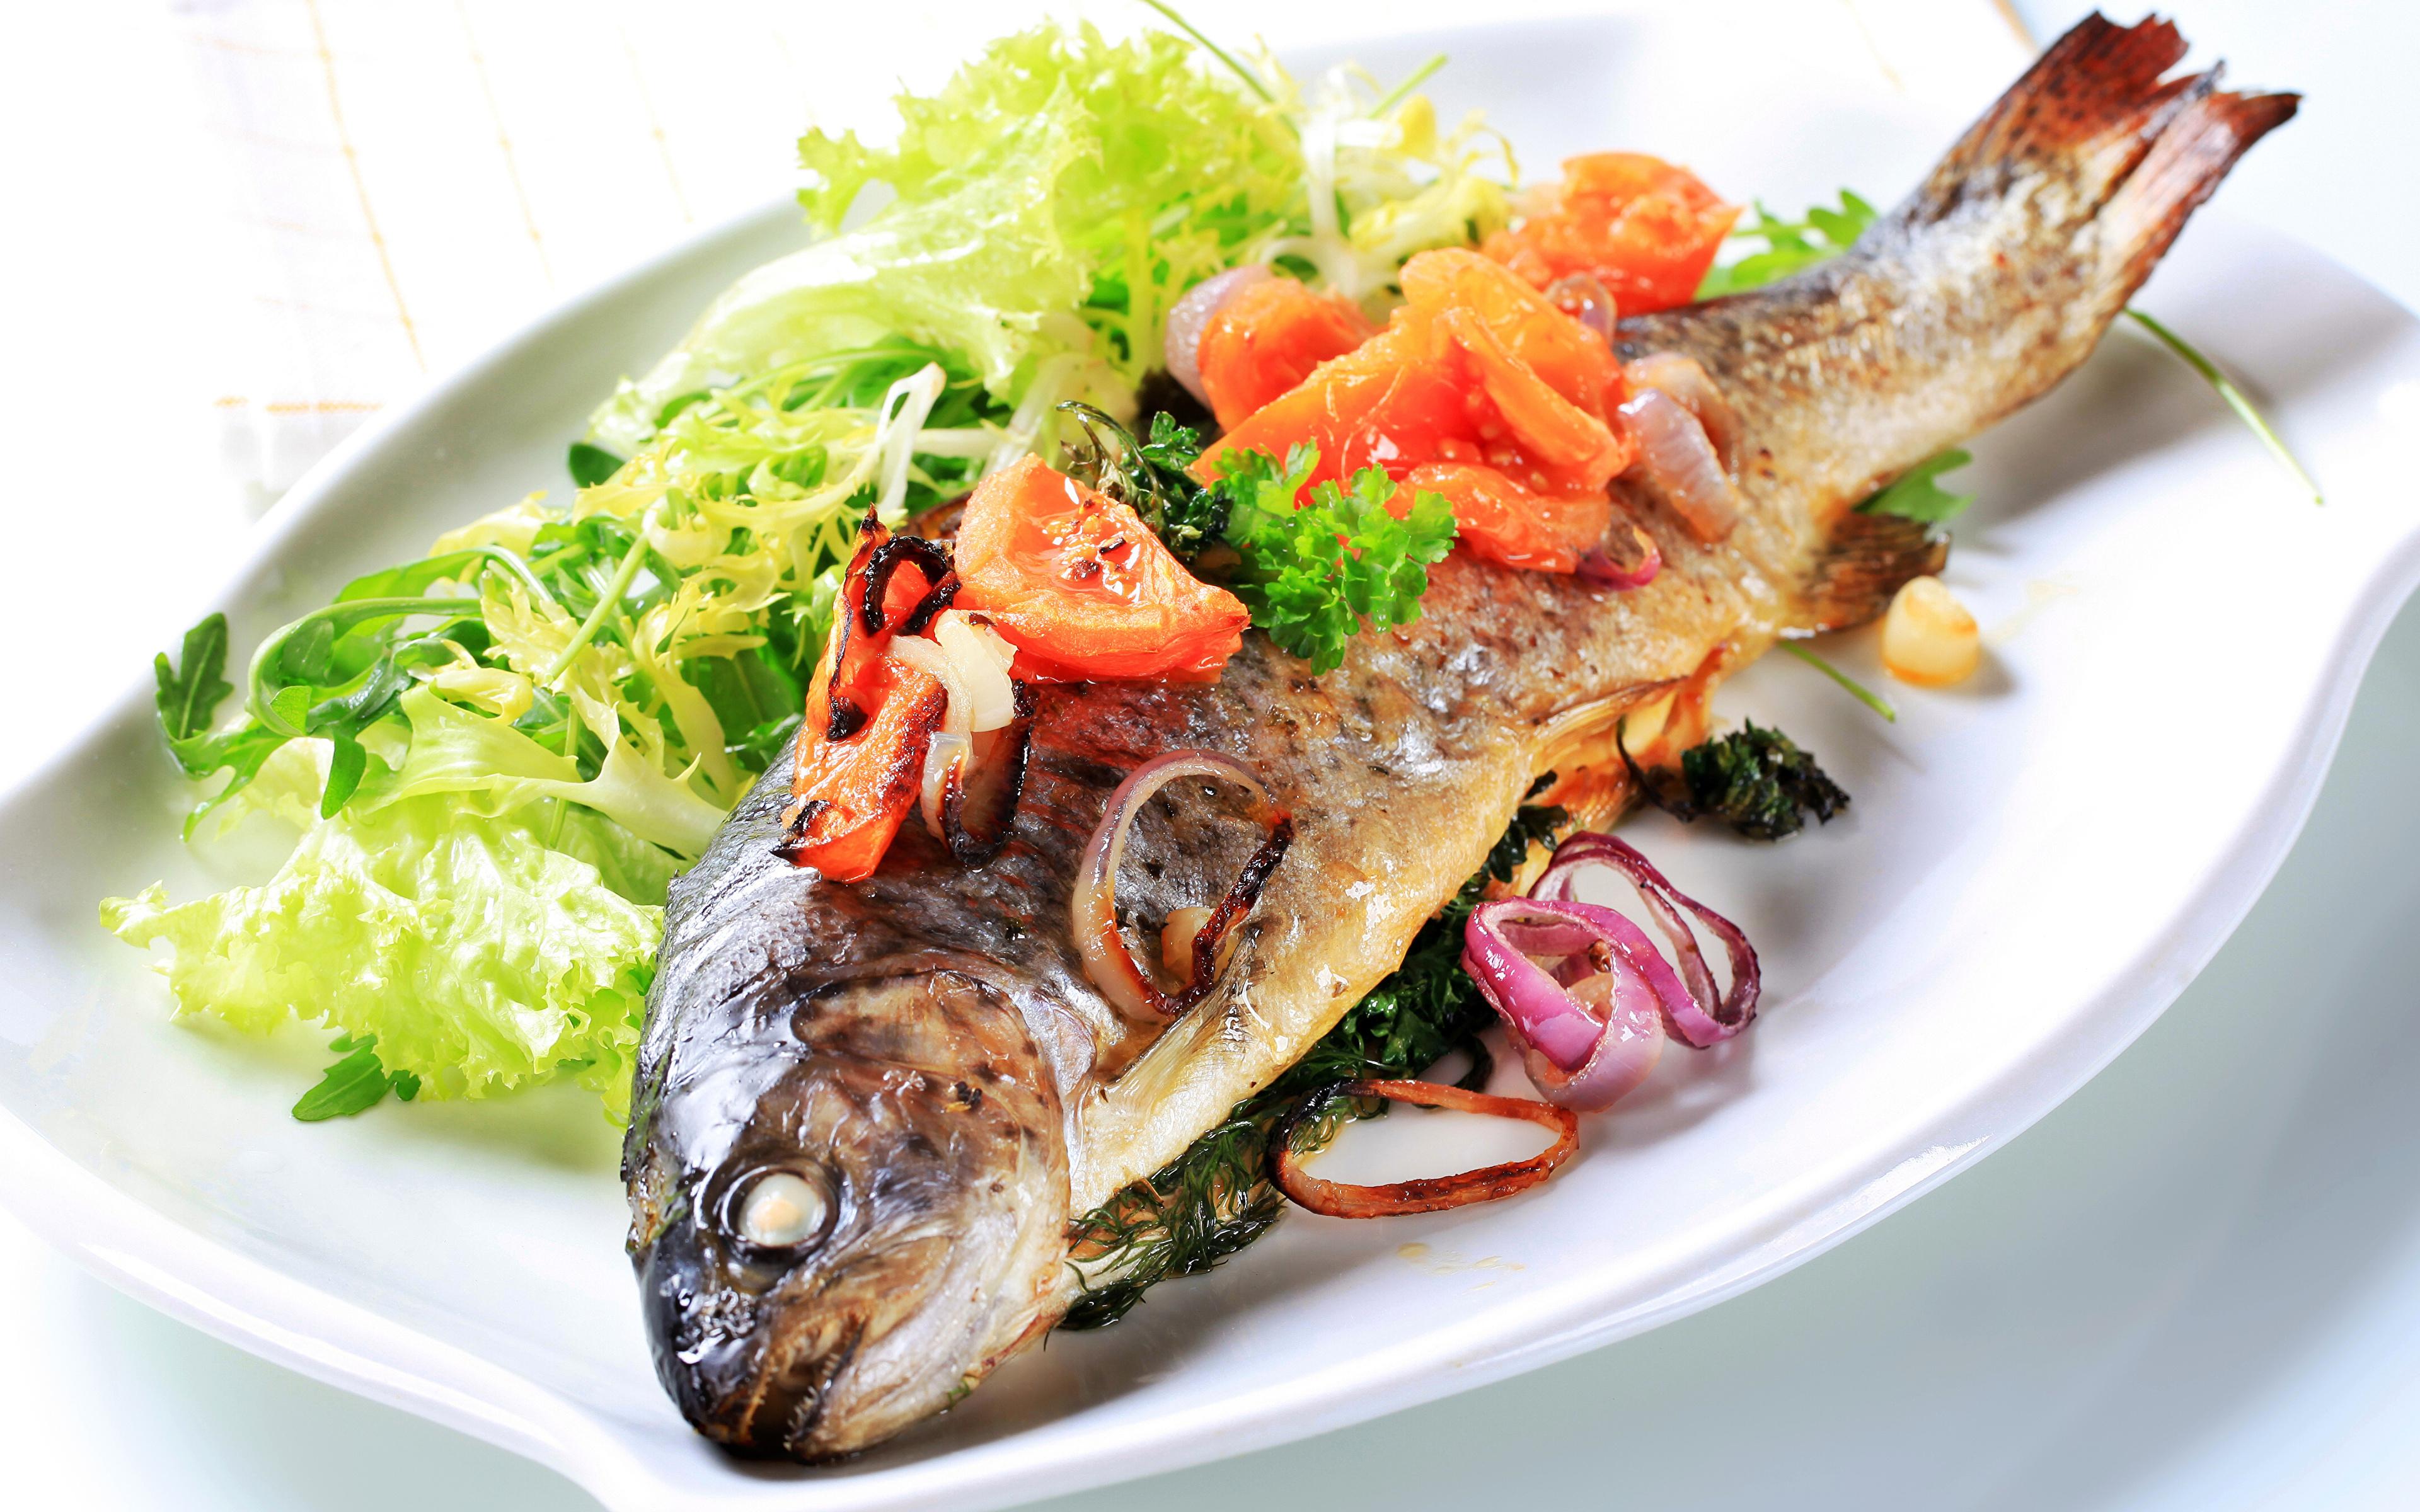 Фотографии Рыба Еда Овощи Тарелка 3840x2400 Пища тарелке Продукты питания